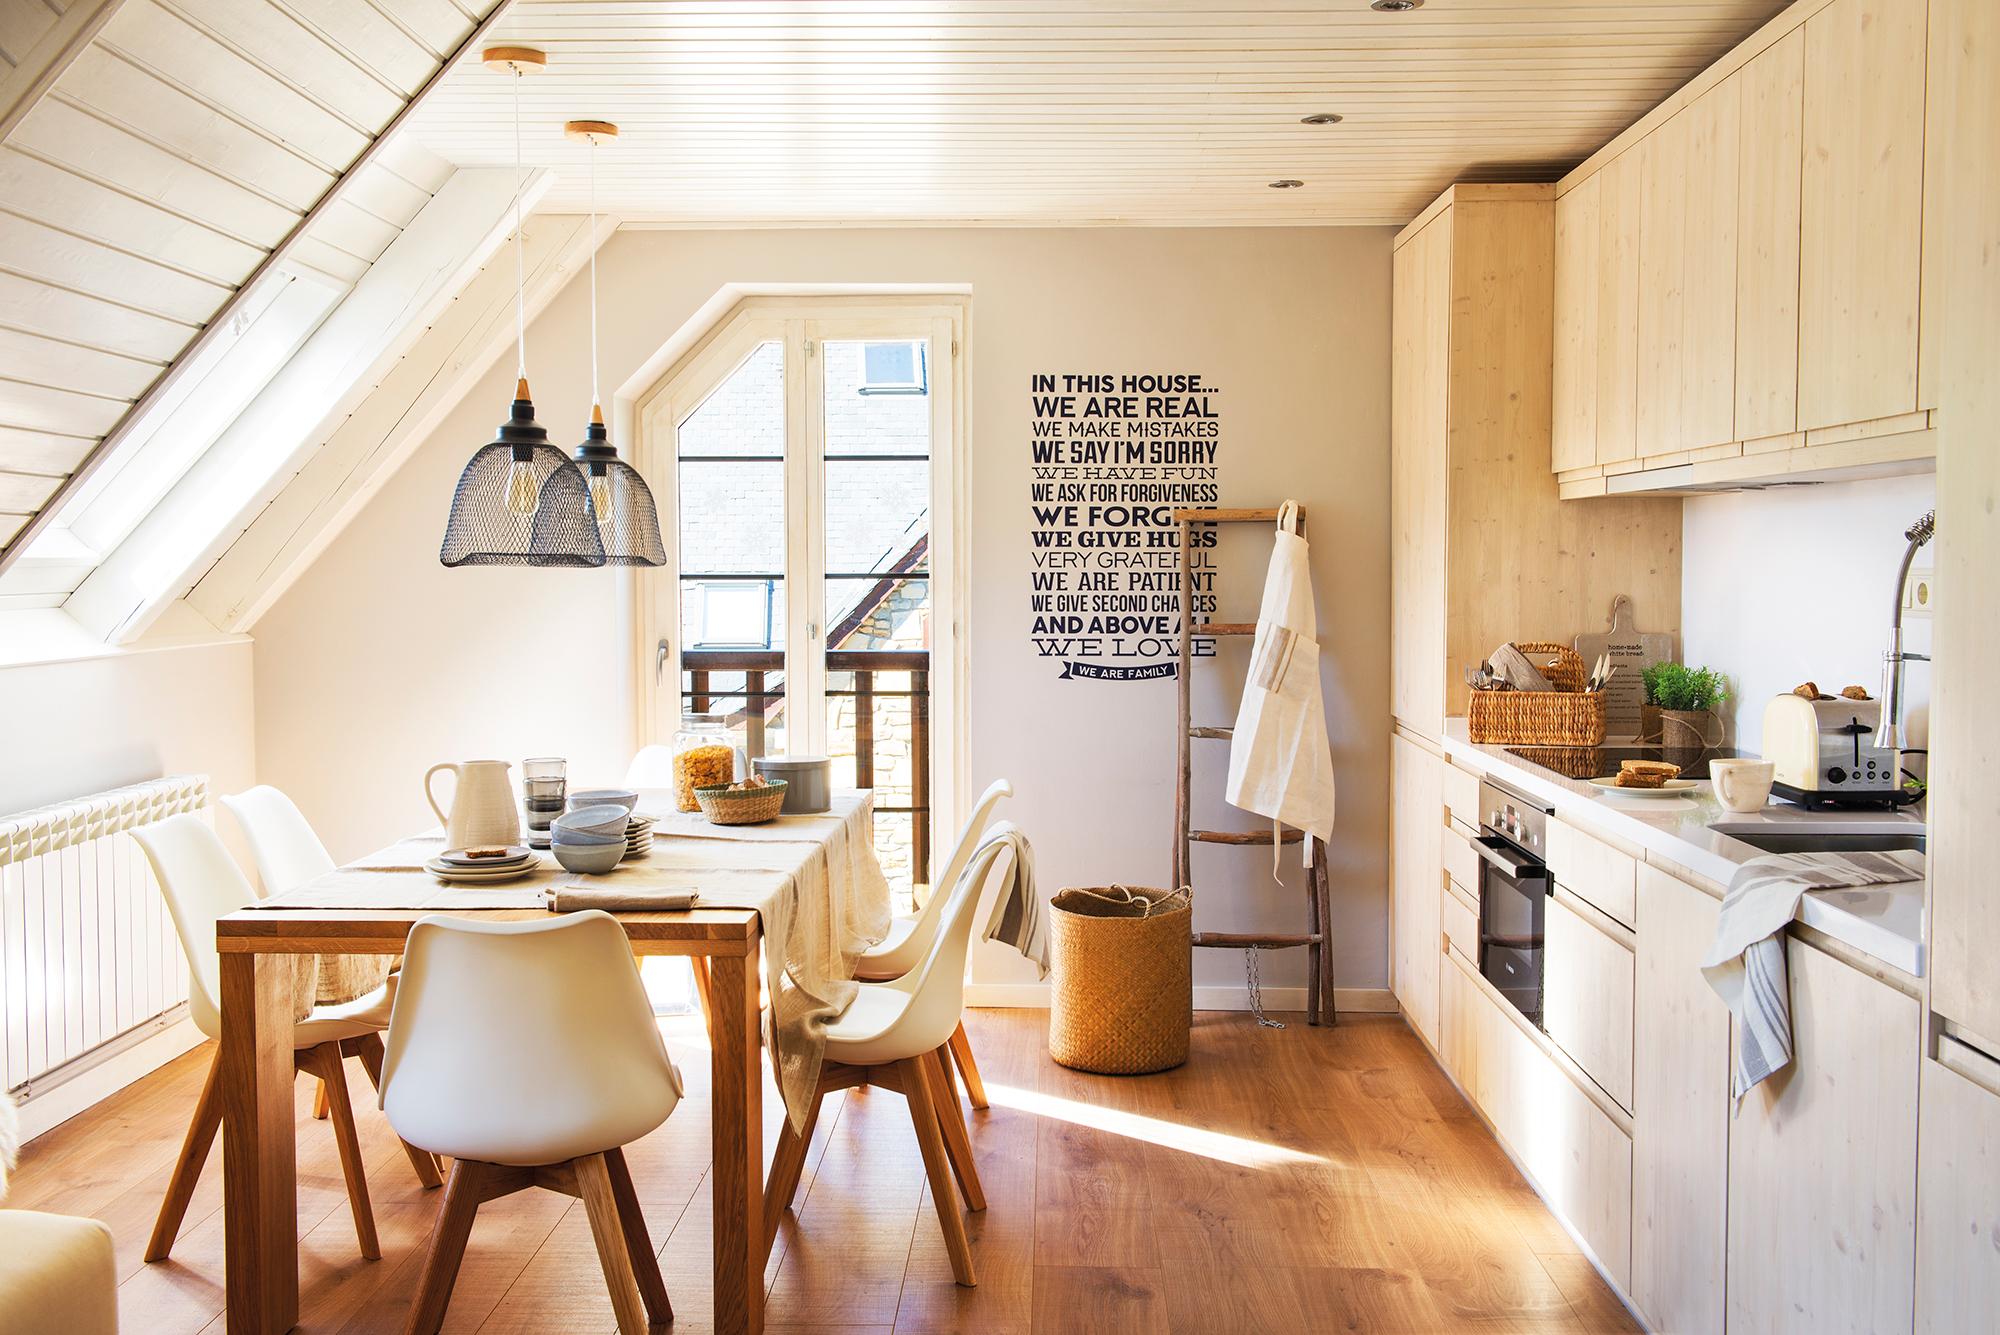 Decotips las cocinas que triunfan virlova style - Frentes de cocina baratos ...